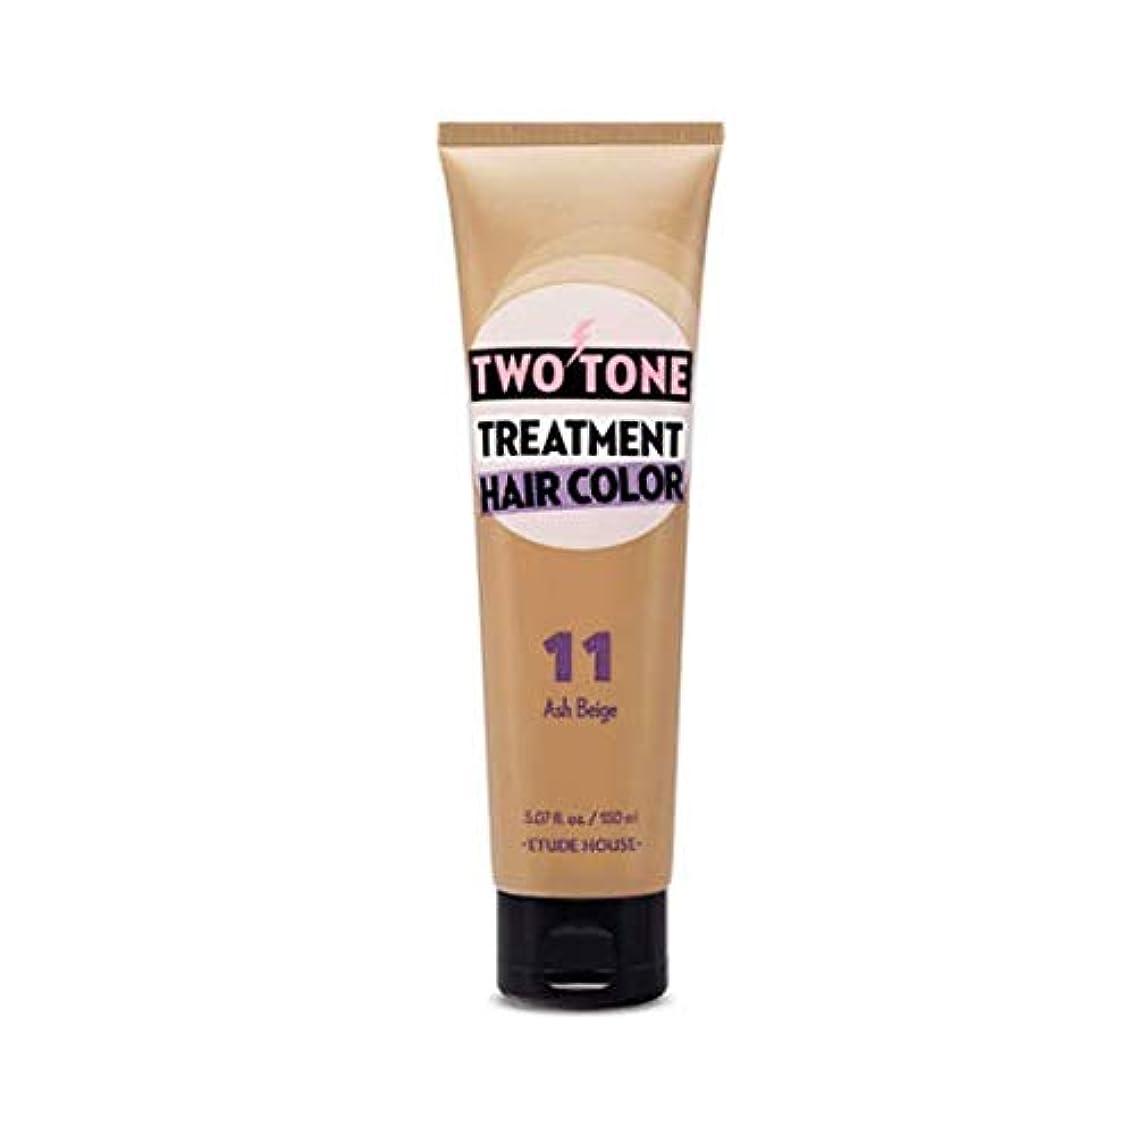 リーガンリード人質ETUDE HOUSE Two Tone Treatment Hair Color *11 Ash Beige/エチュードハウス ツートントリートメントヘアカラー150ml [並行輸入品]